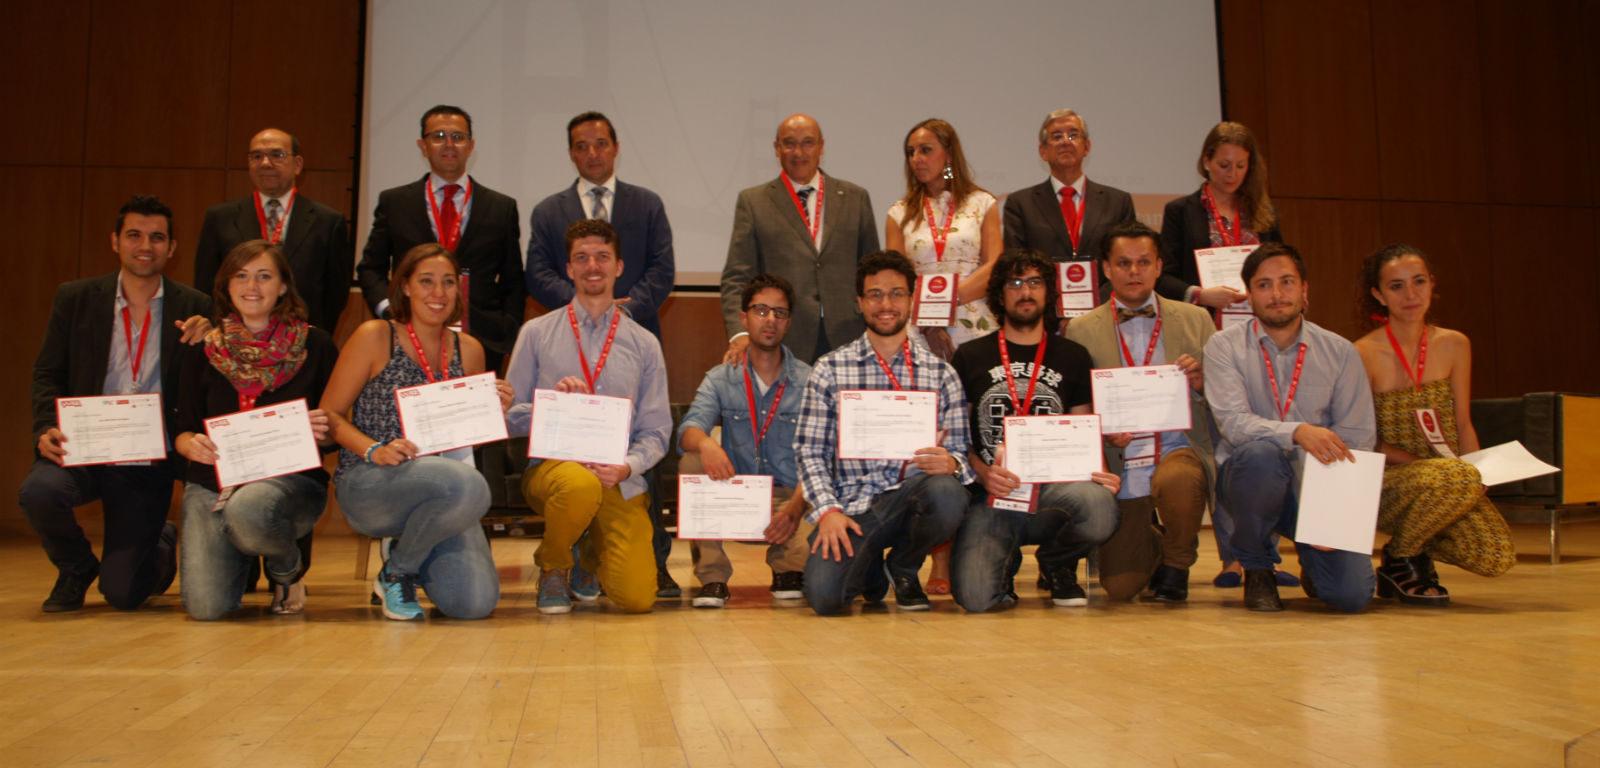 Emprendedores del centro YUZZ con sus diplomas, junto a autoridades.